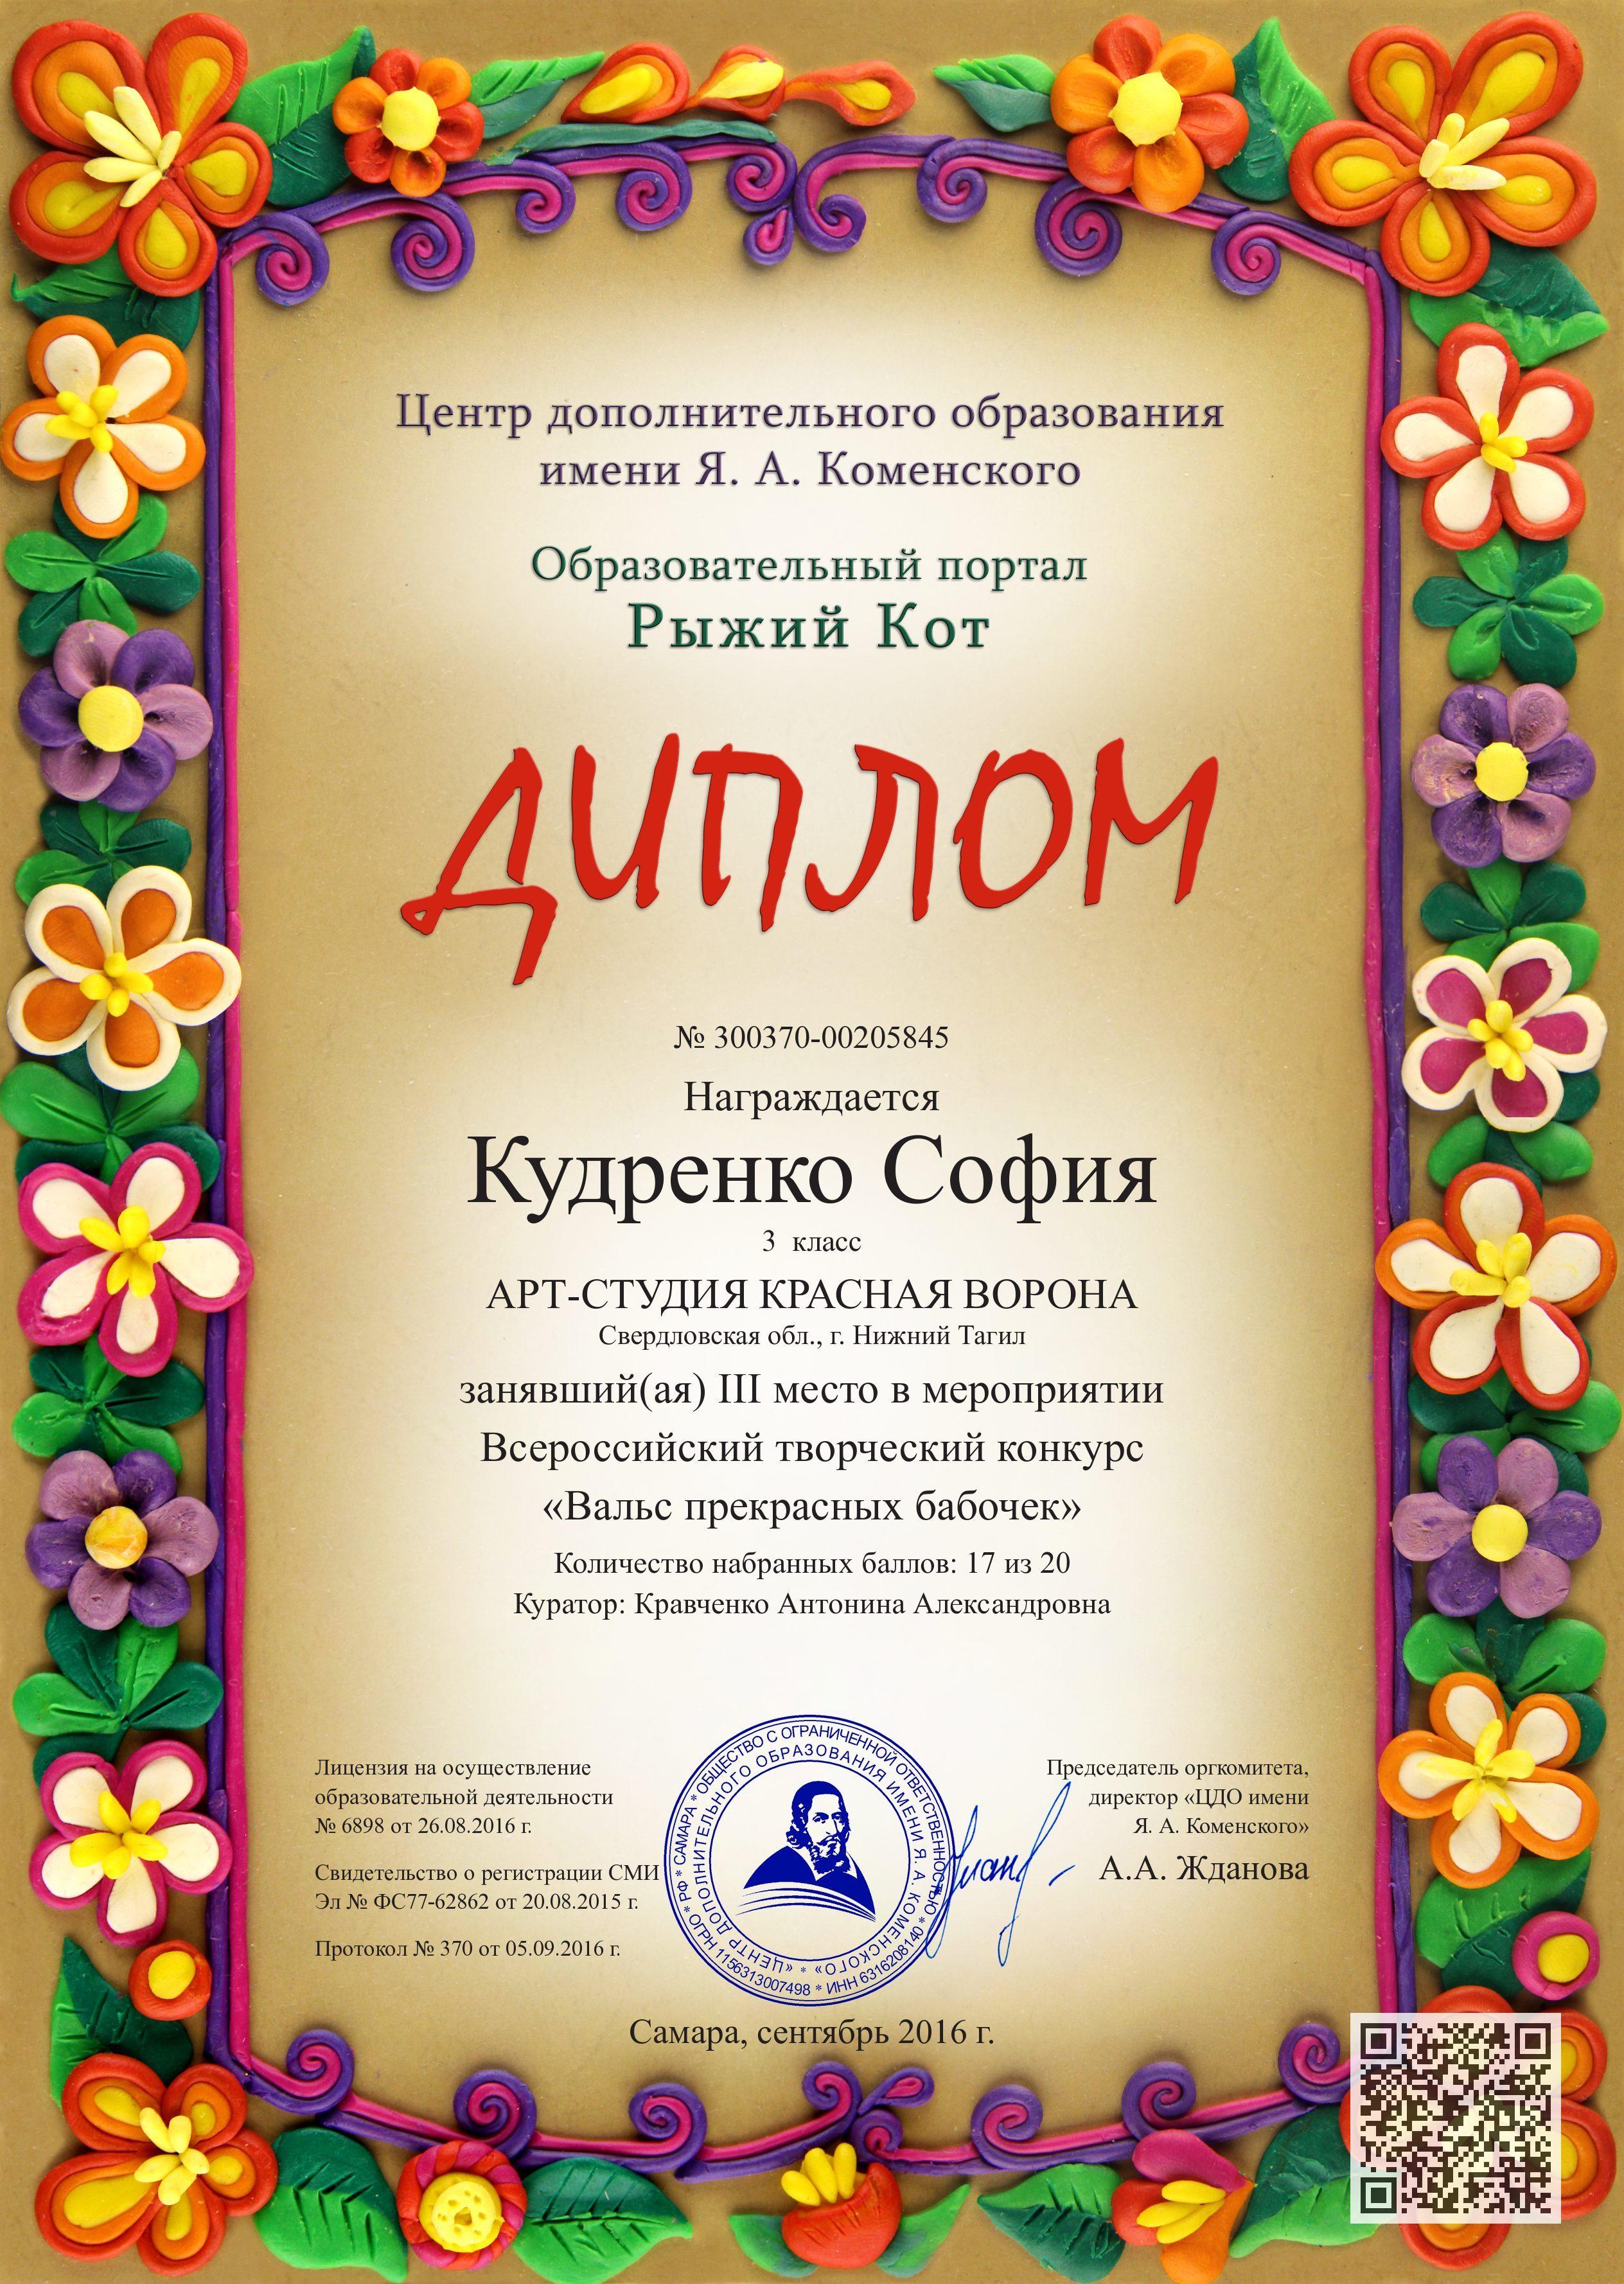 Кудренко София 3 место